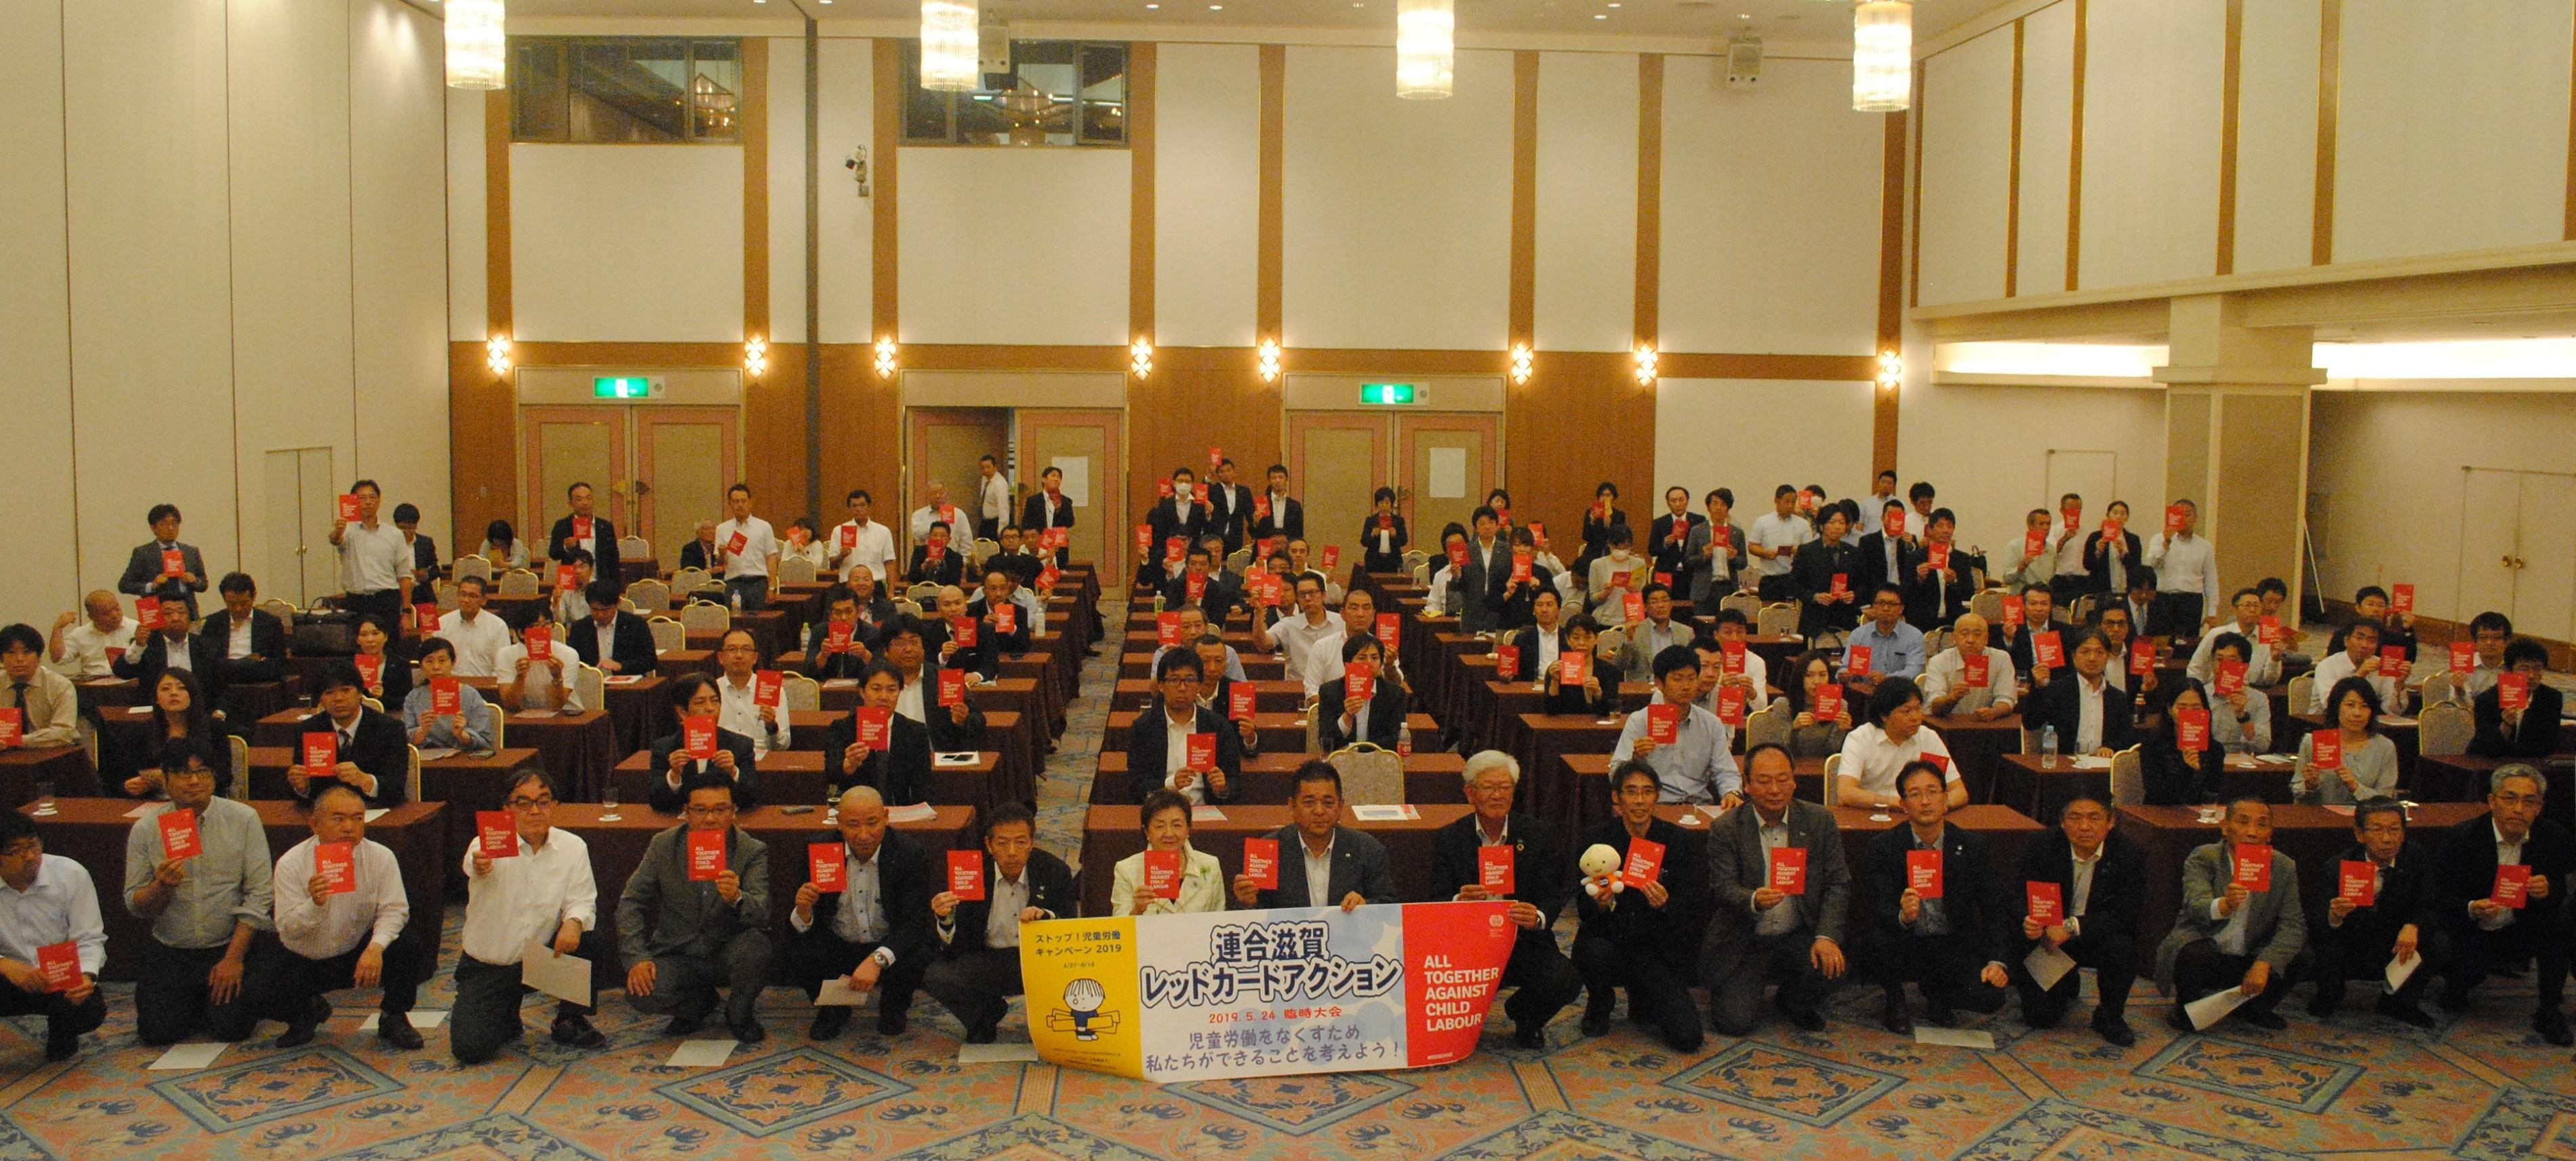 連合滋賀,臨時大会,ロイヤルオークホテル